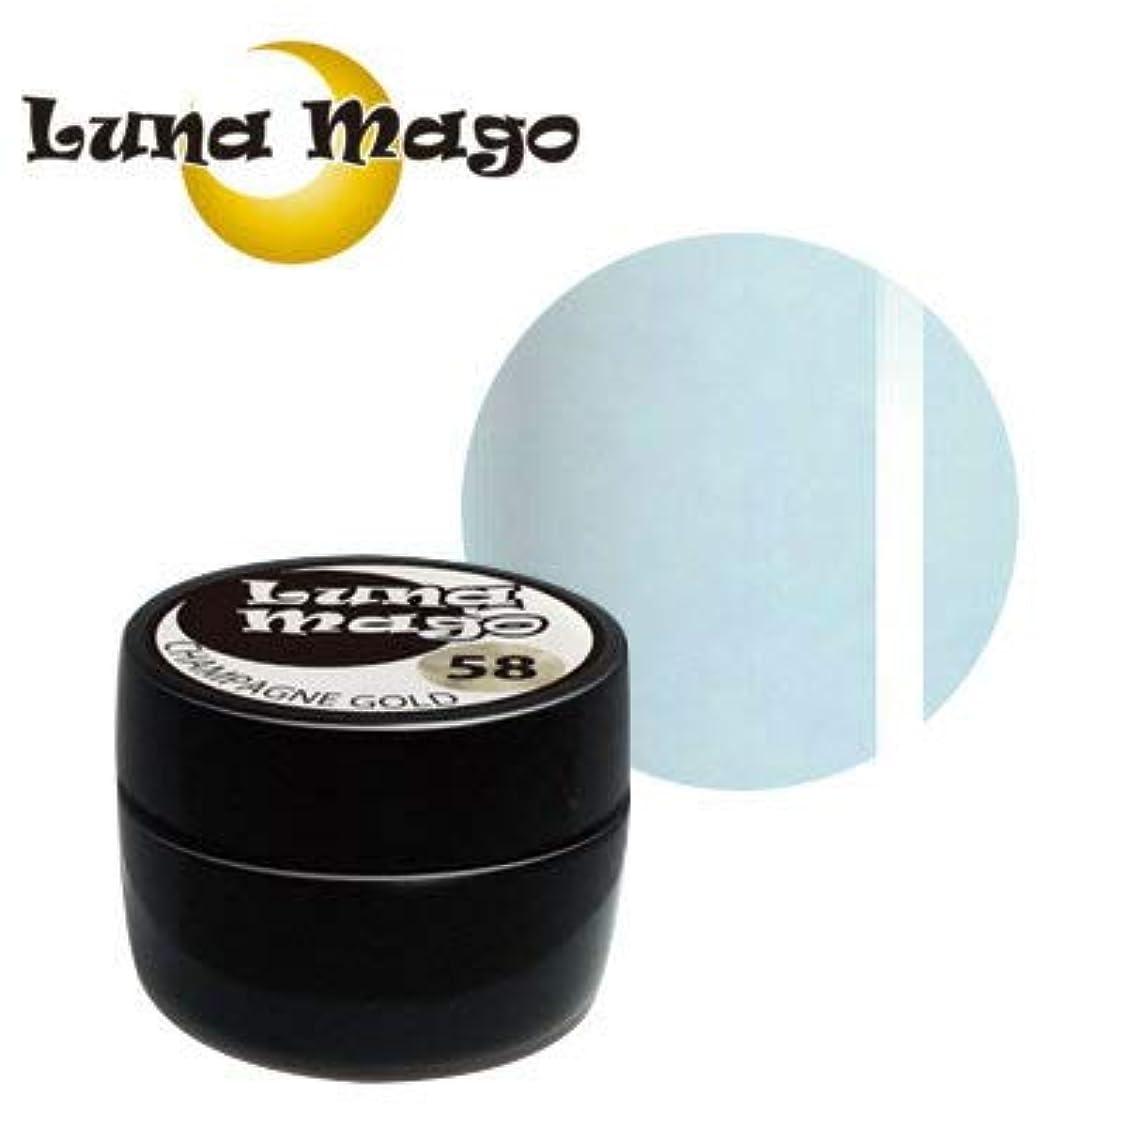 野生治安判事伝統Luna Mago カラージェル 5g 043 ラインブルー